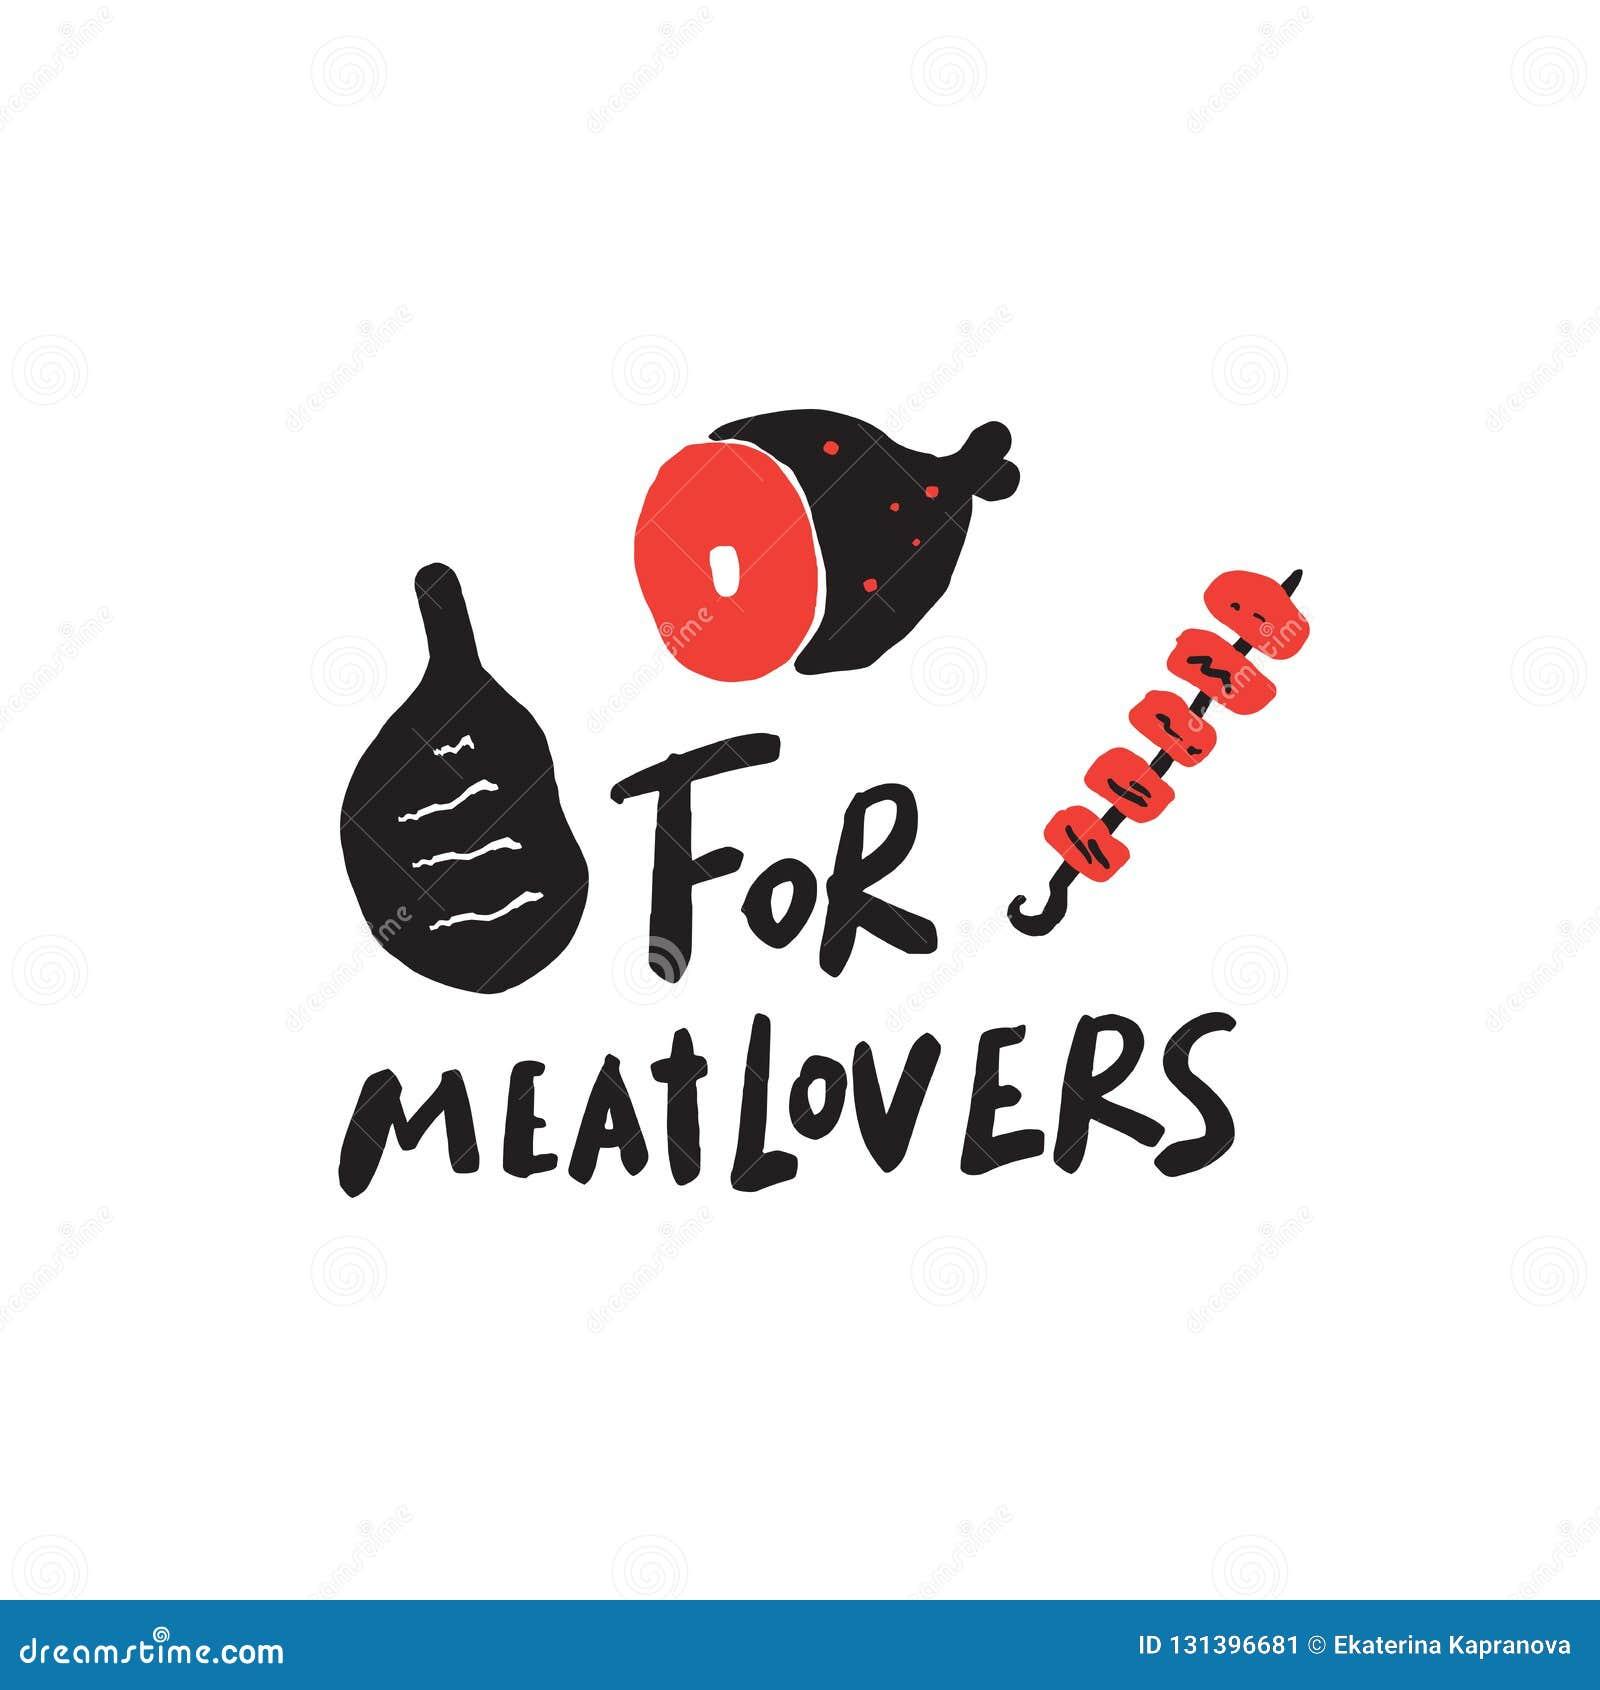 Für meatlovers Lustiges Sprechen Hand schriftliche Beschriftung ENV 10